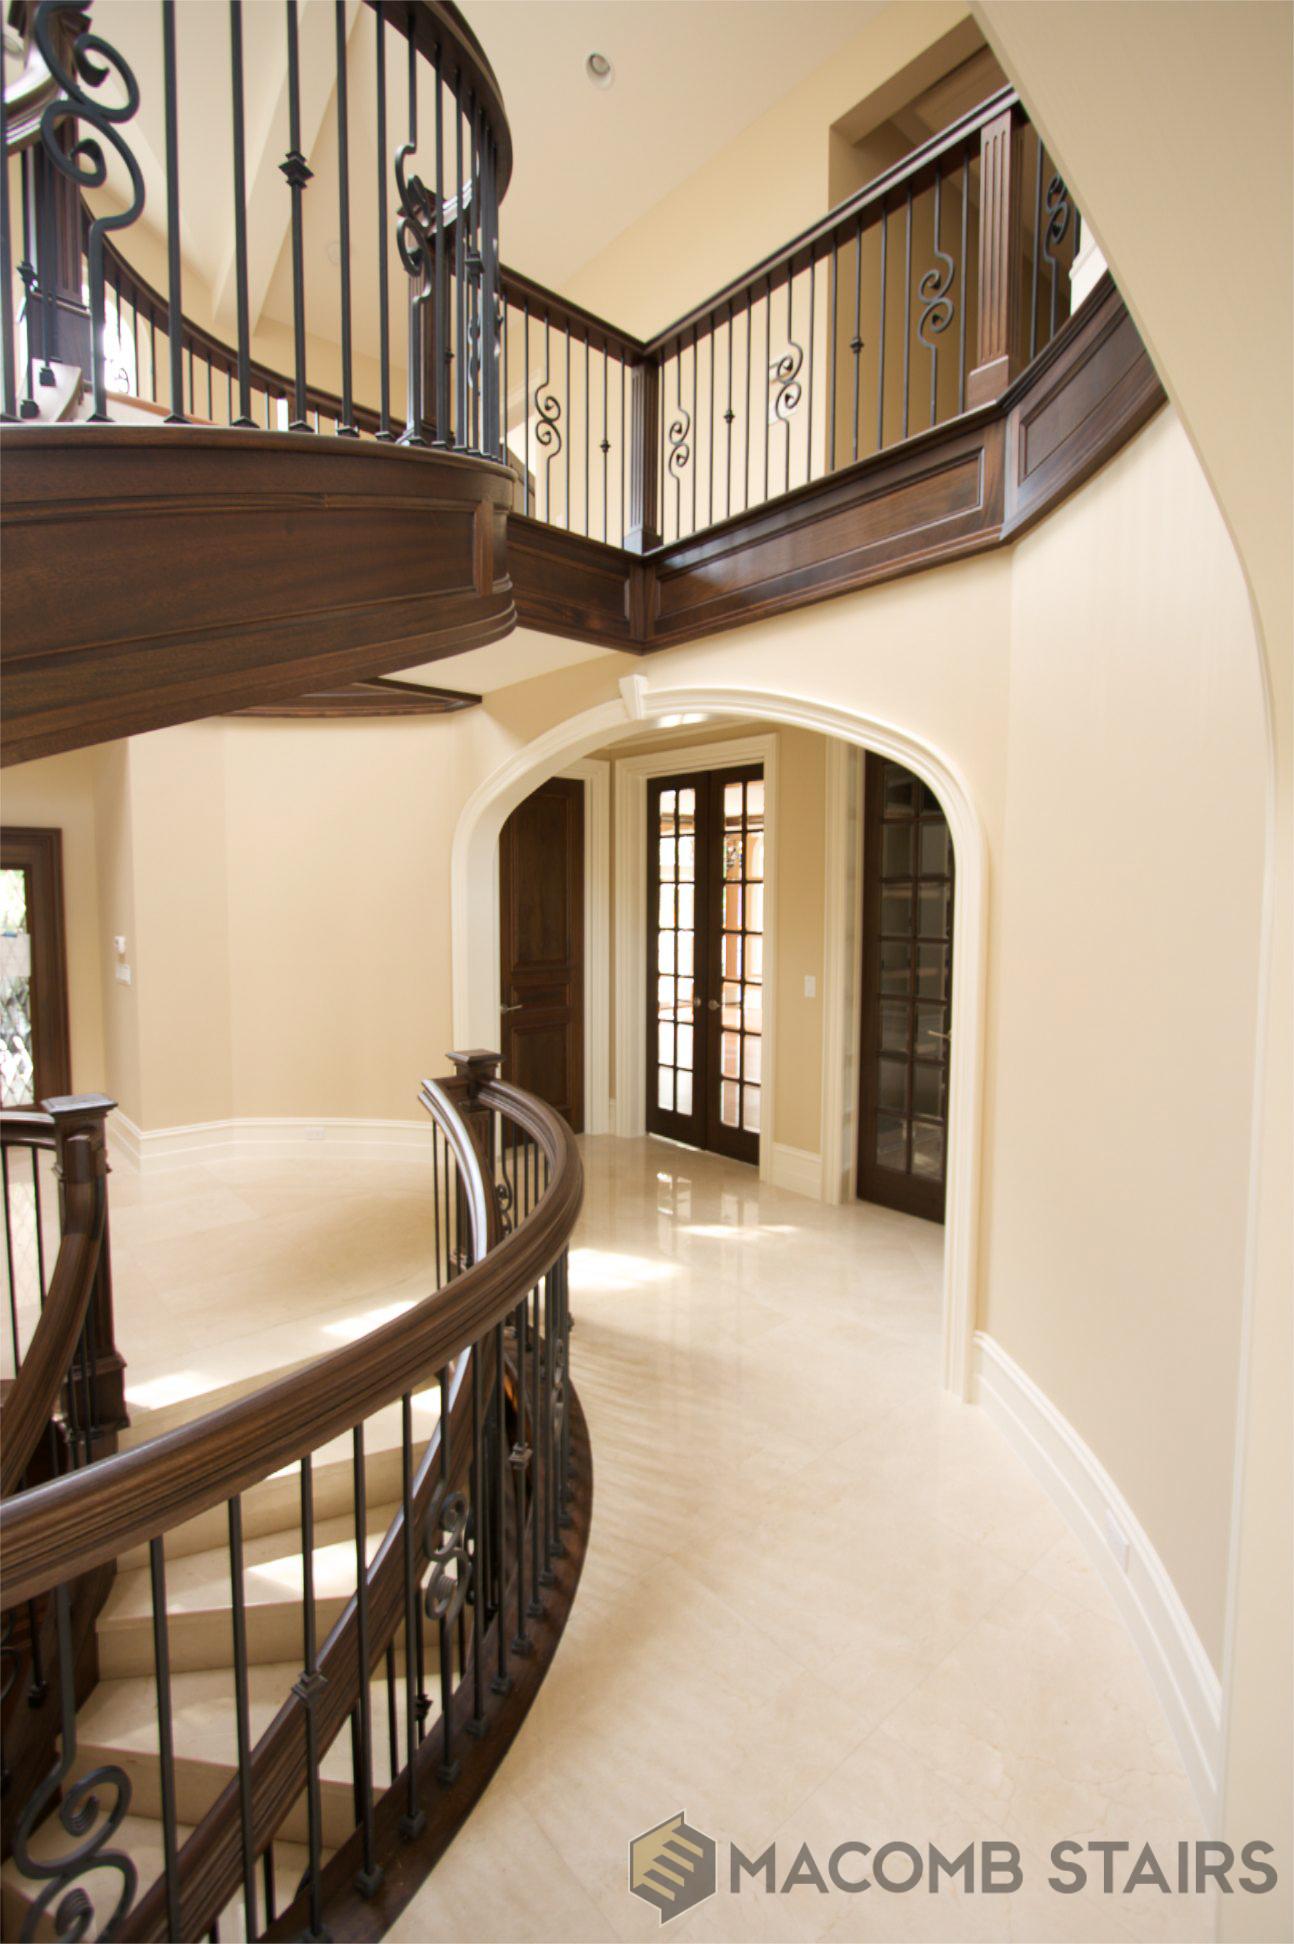 Macomb Stairs- Stair Photo-54.jpg